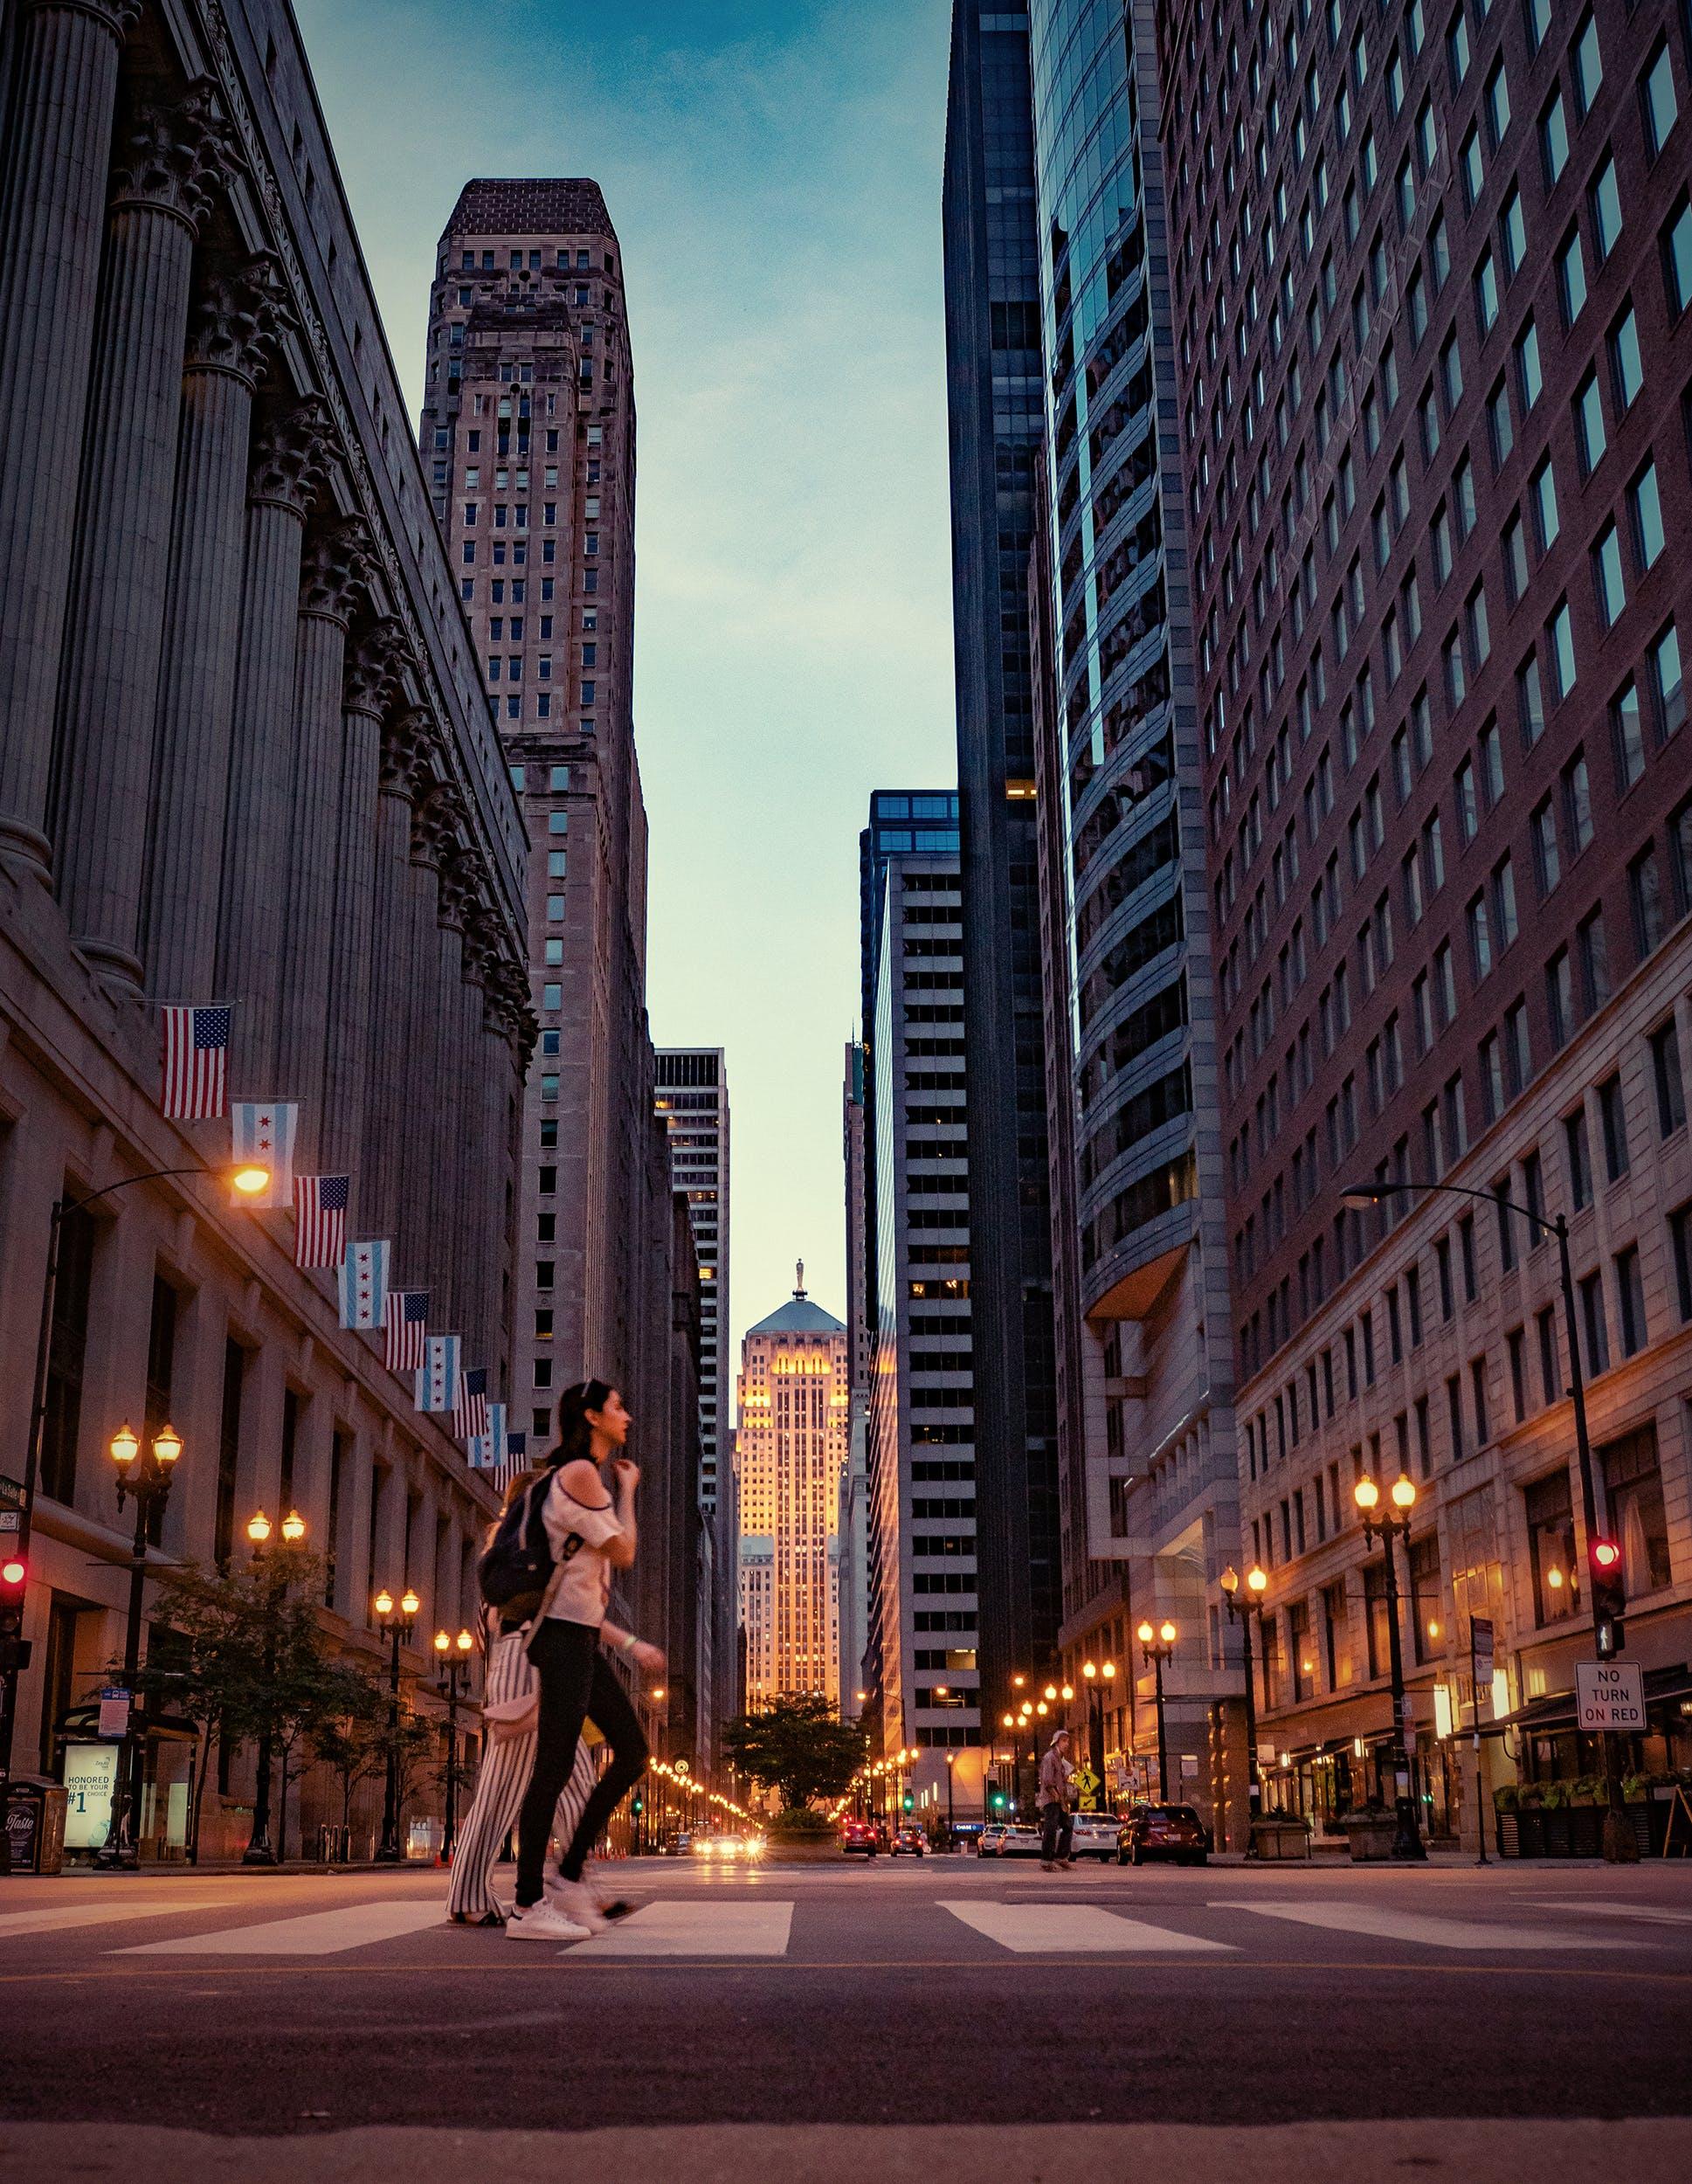 Two Women Crossing Pedestrian Lane